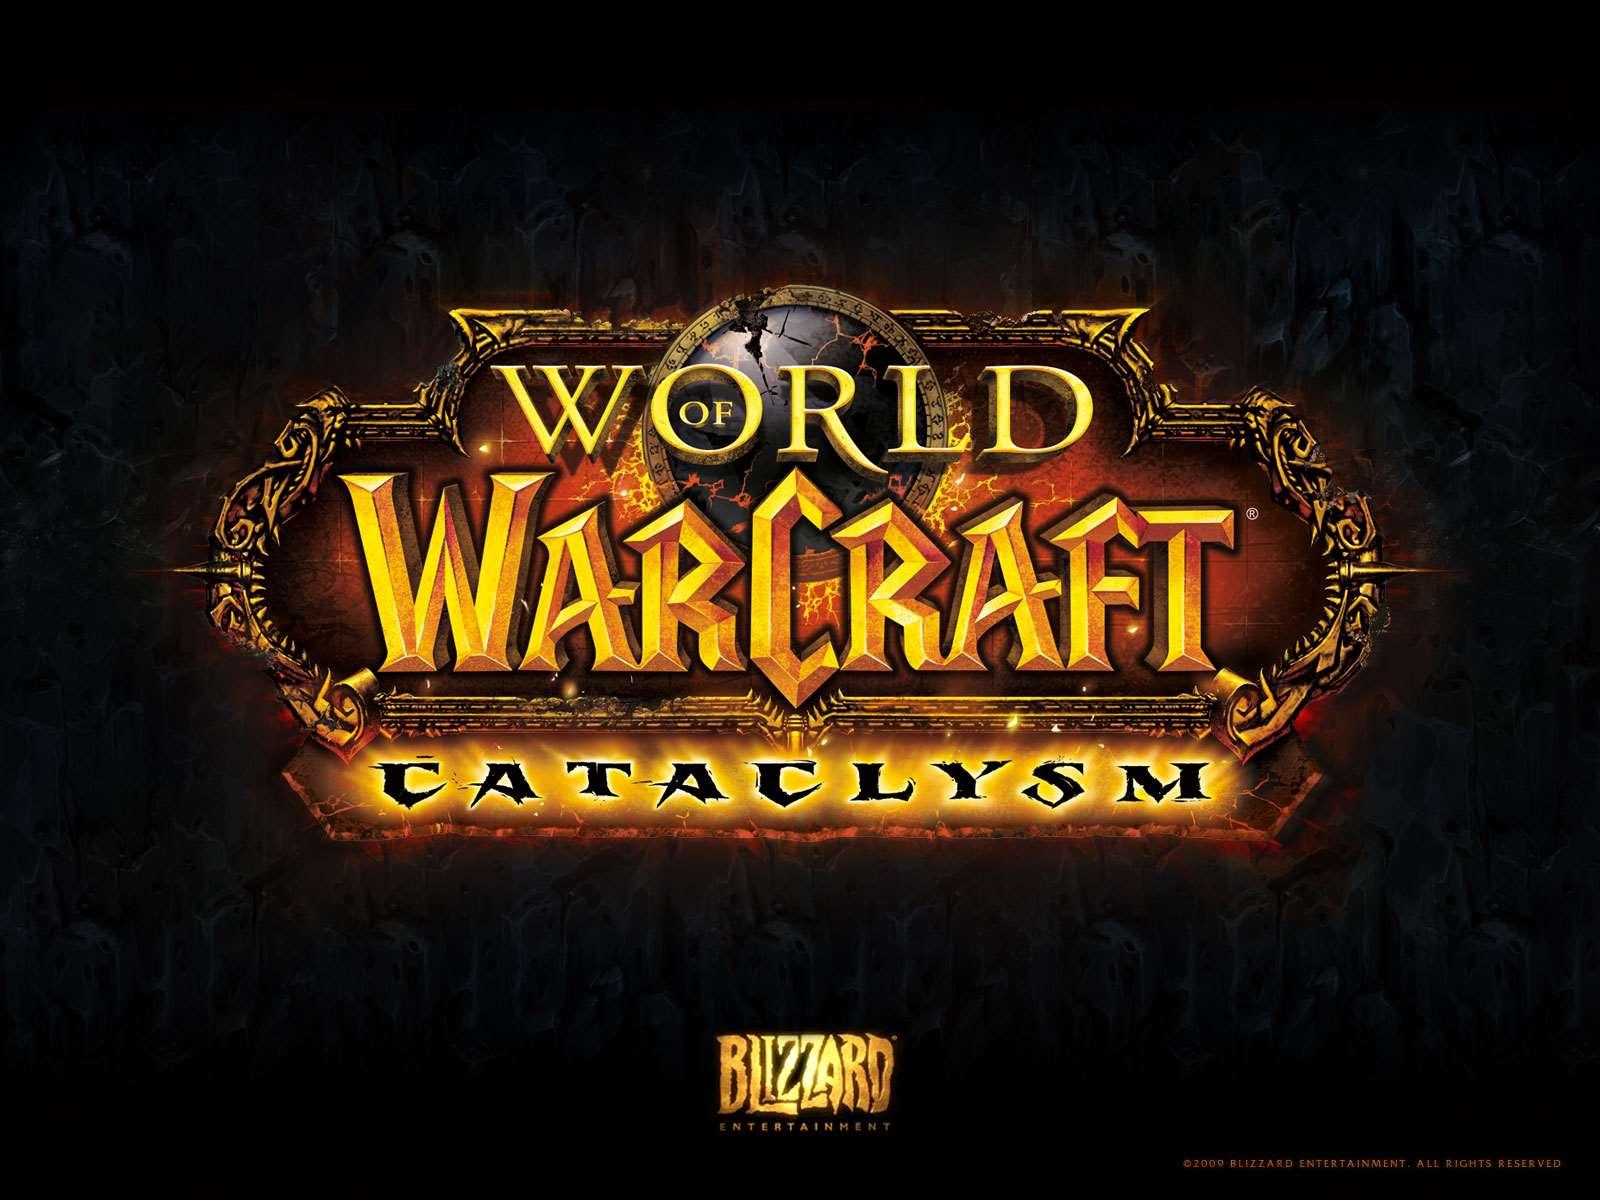 World Of Warcraft Wow Cataclysm Wallpaper Logo Wallpaper